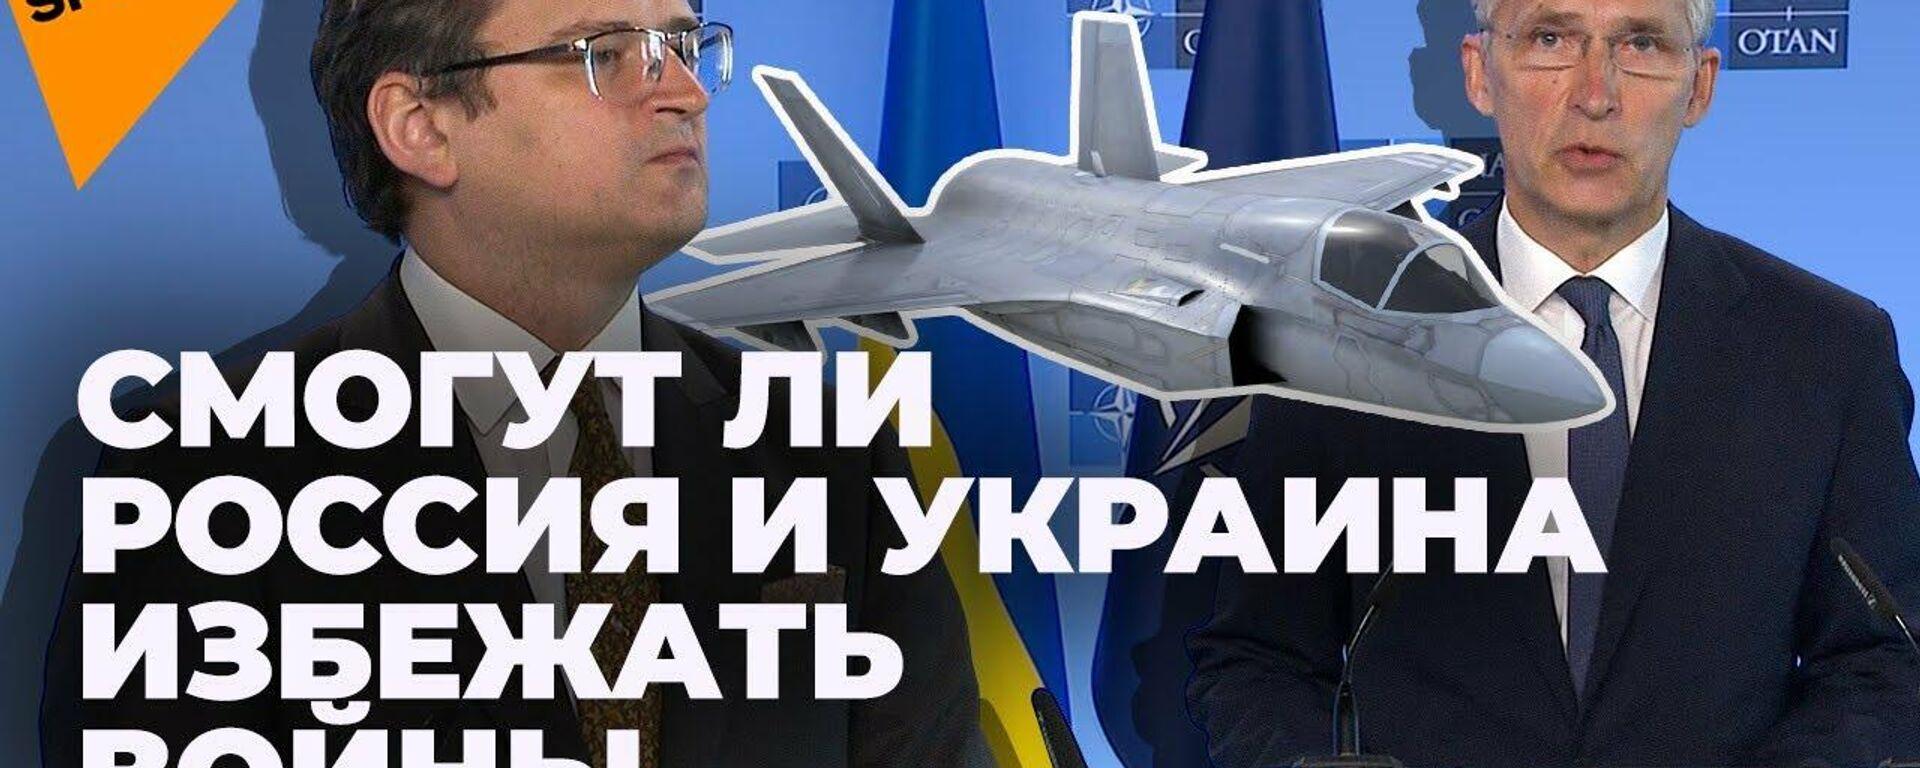 НАТО превращает Украину в пороховую бочку. Сможет ли Россия обезопасить Донбасс?  - Sputnik Узбекистан, 1920, 15.04.2021